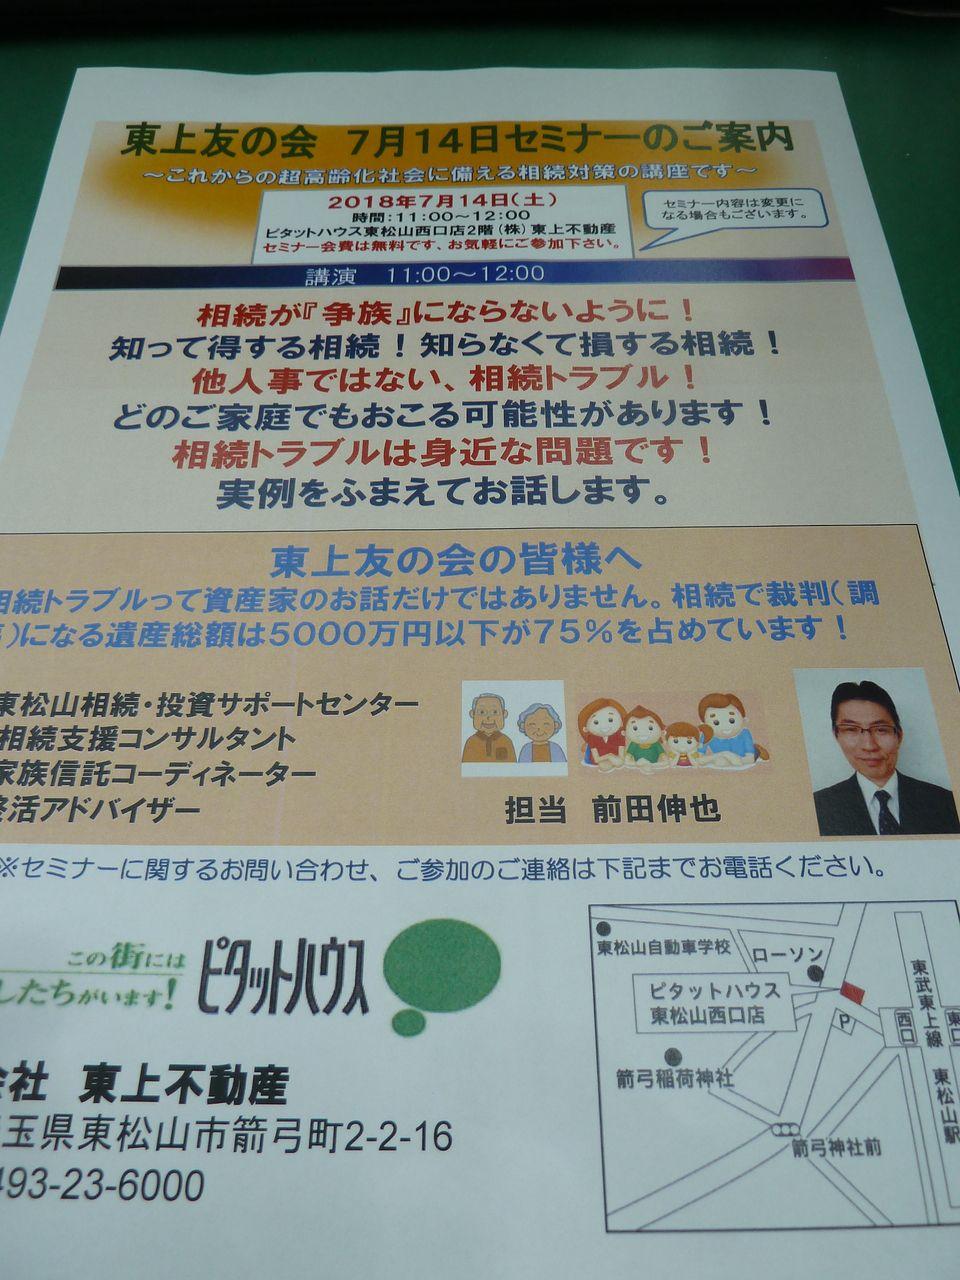 7月14日(土)相続セミナーを開催します!